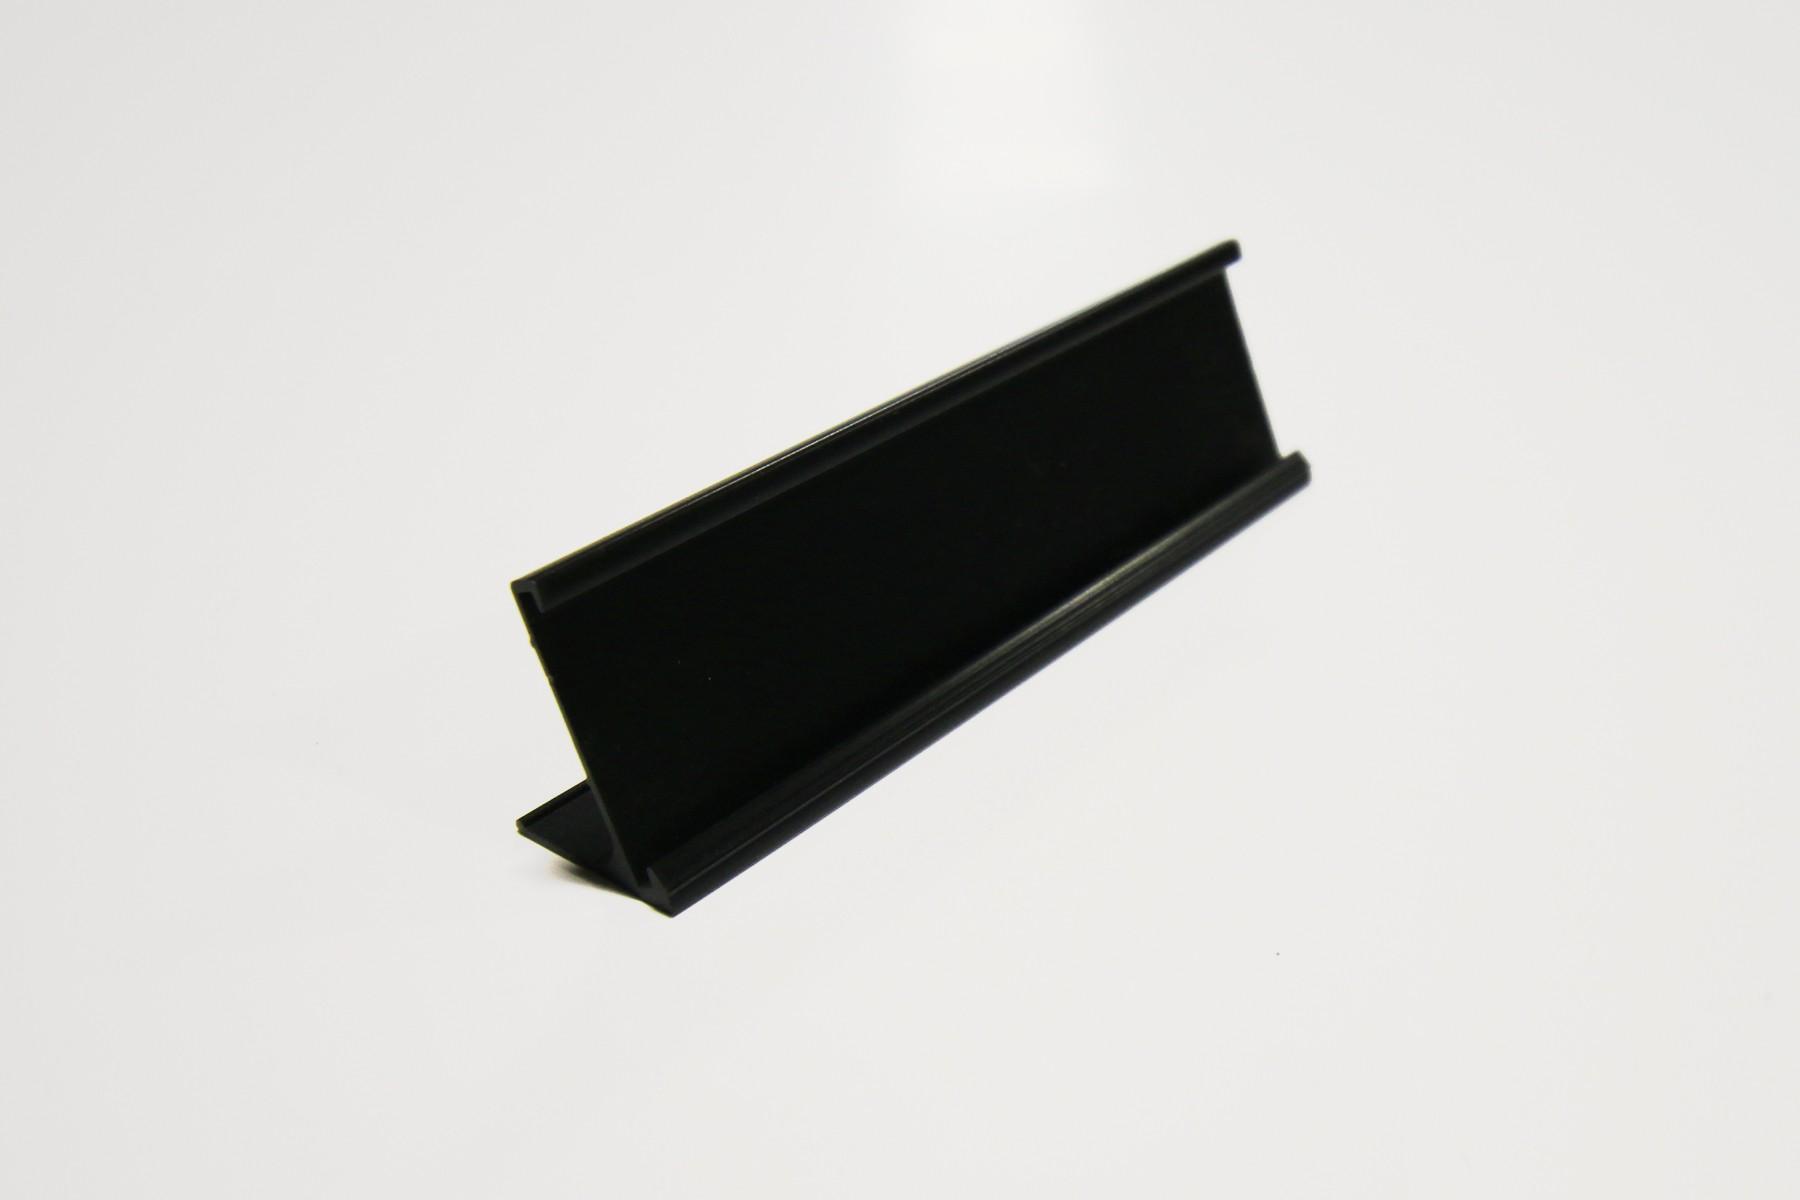 1 x 7 Desk Holder, Black